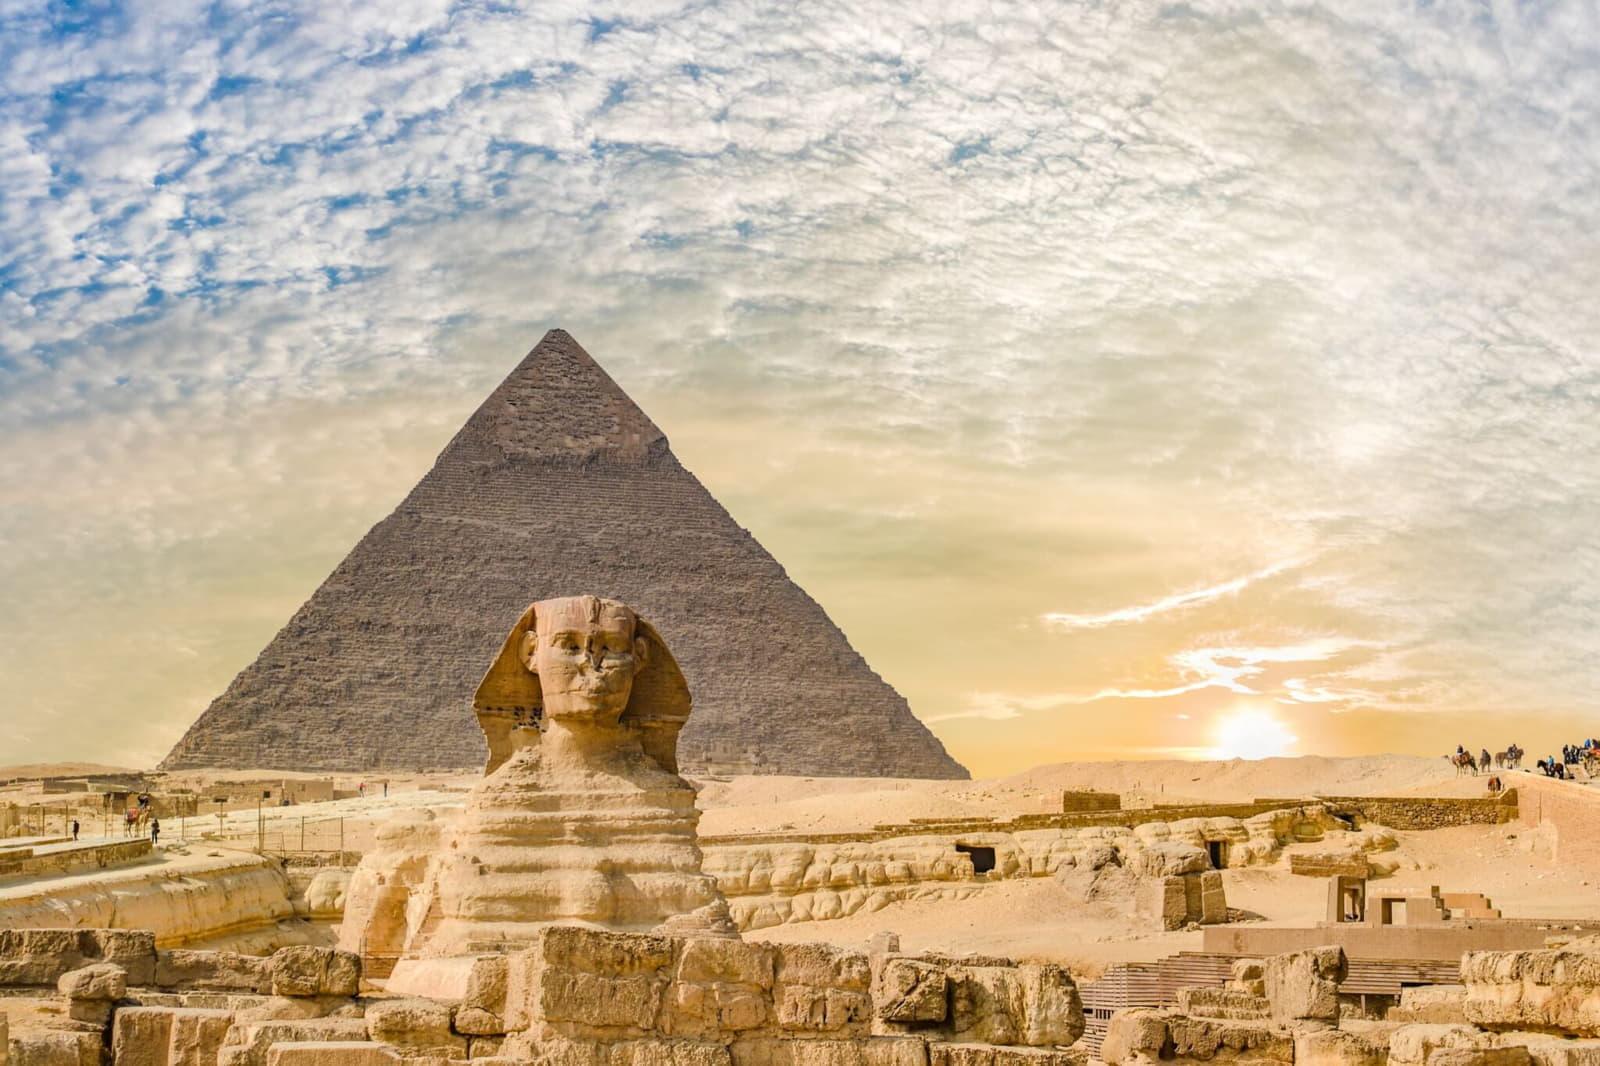 Ταξίδι Αίγυπτος Σφίγγα Loveyourholidays